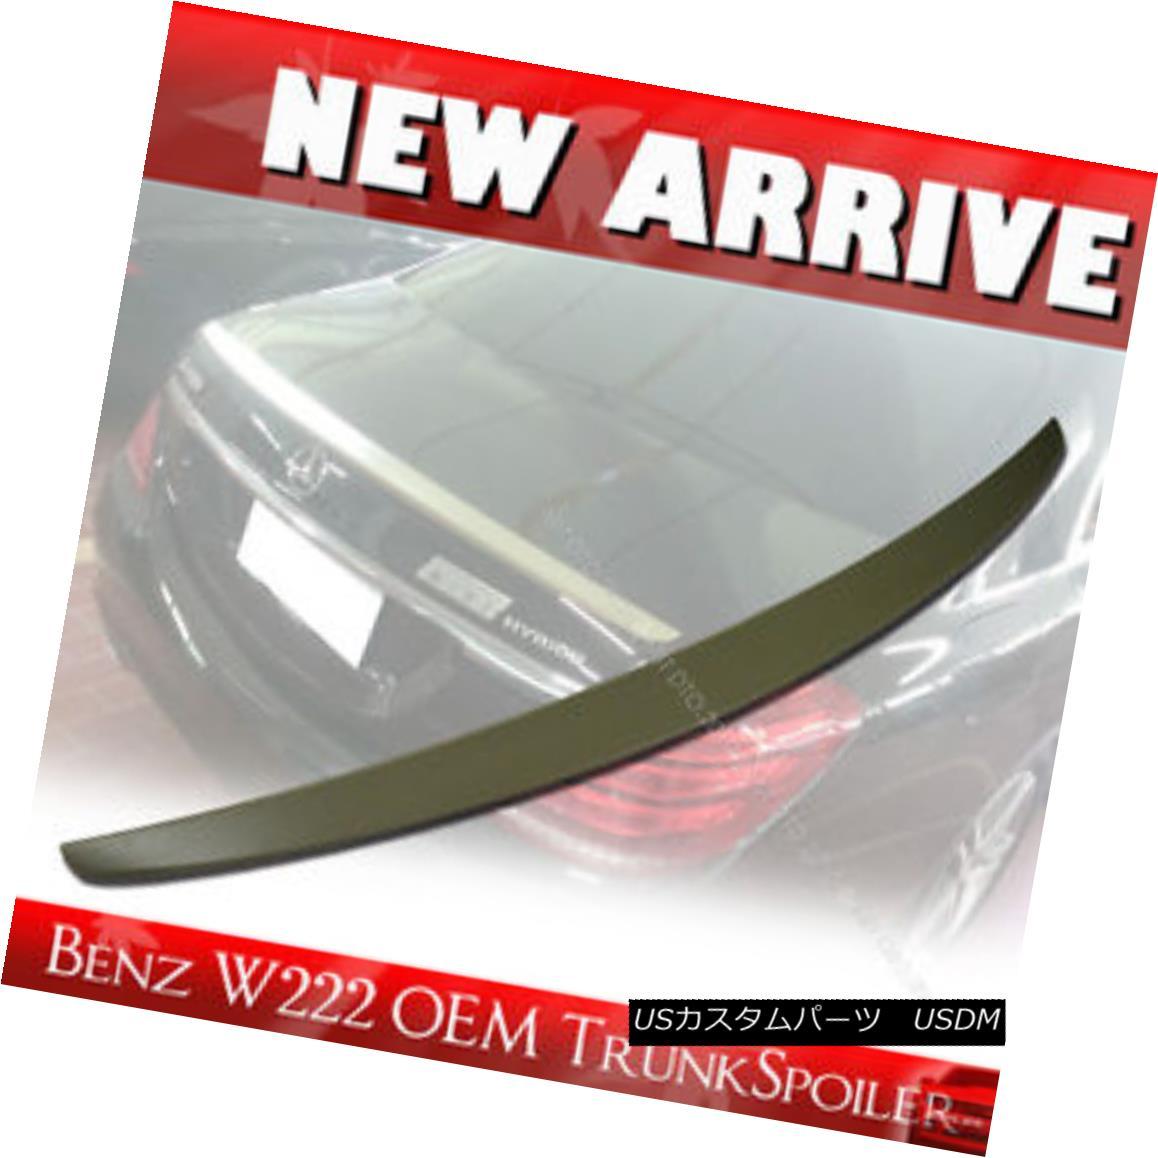 エアロパーツ Painted Rear Trunk Spoiler For Mercedes Benz S Class W222 S500 S550 Sedan ABS メルセデスベンツSクラスW222 S500 S550セダンABSの塗装済みリアトランク・スポイラー